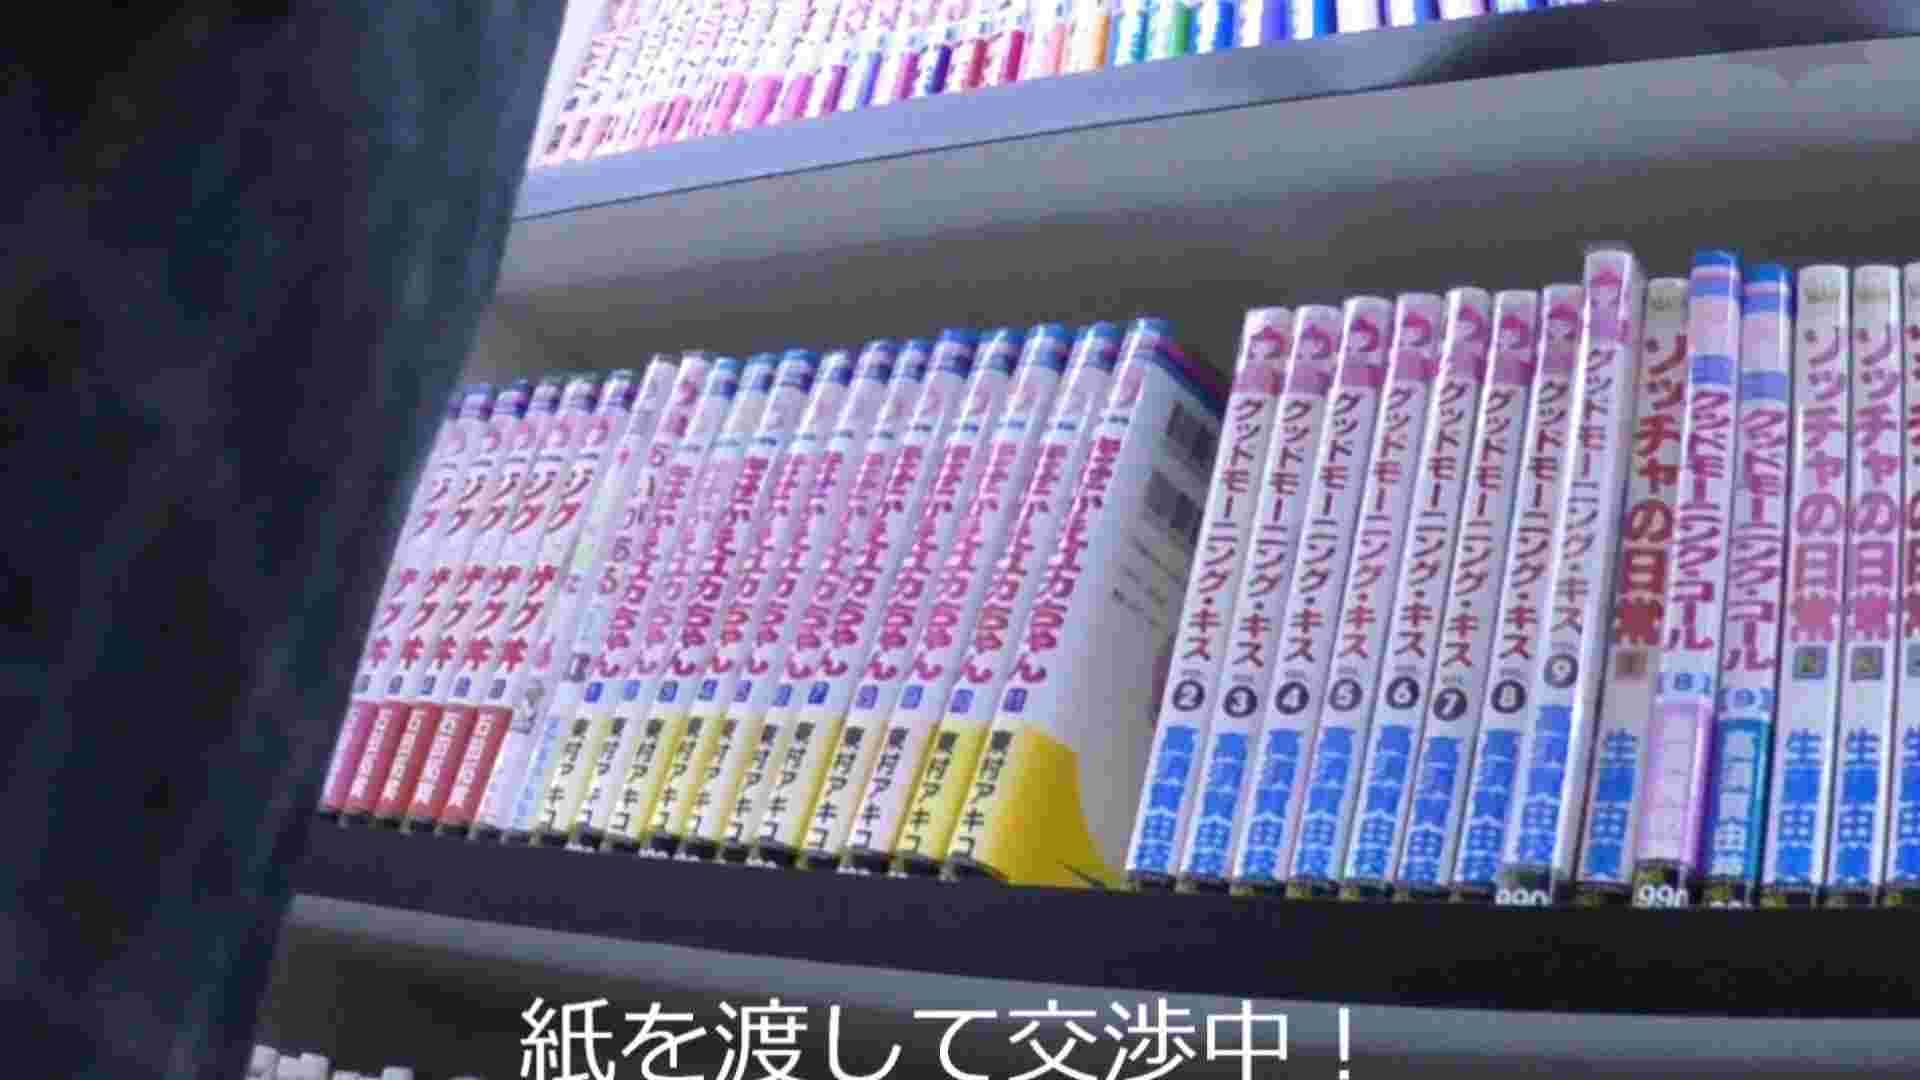 悪戯ネットカフェ Vol.03 「口」渉成立!! 勢い余ってお口に・・・ 潜入  89pic 2